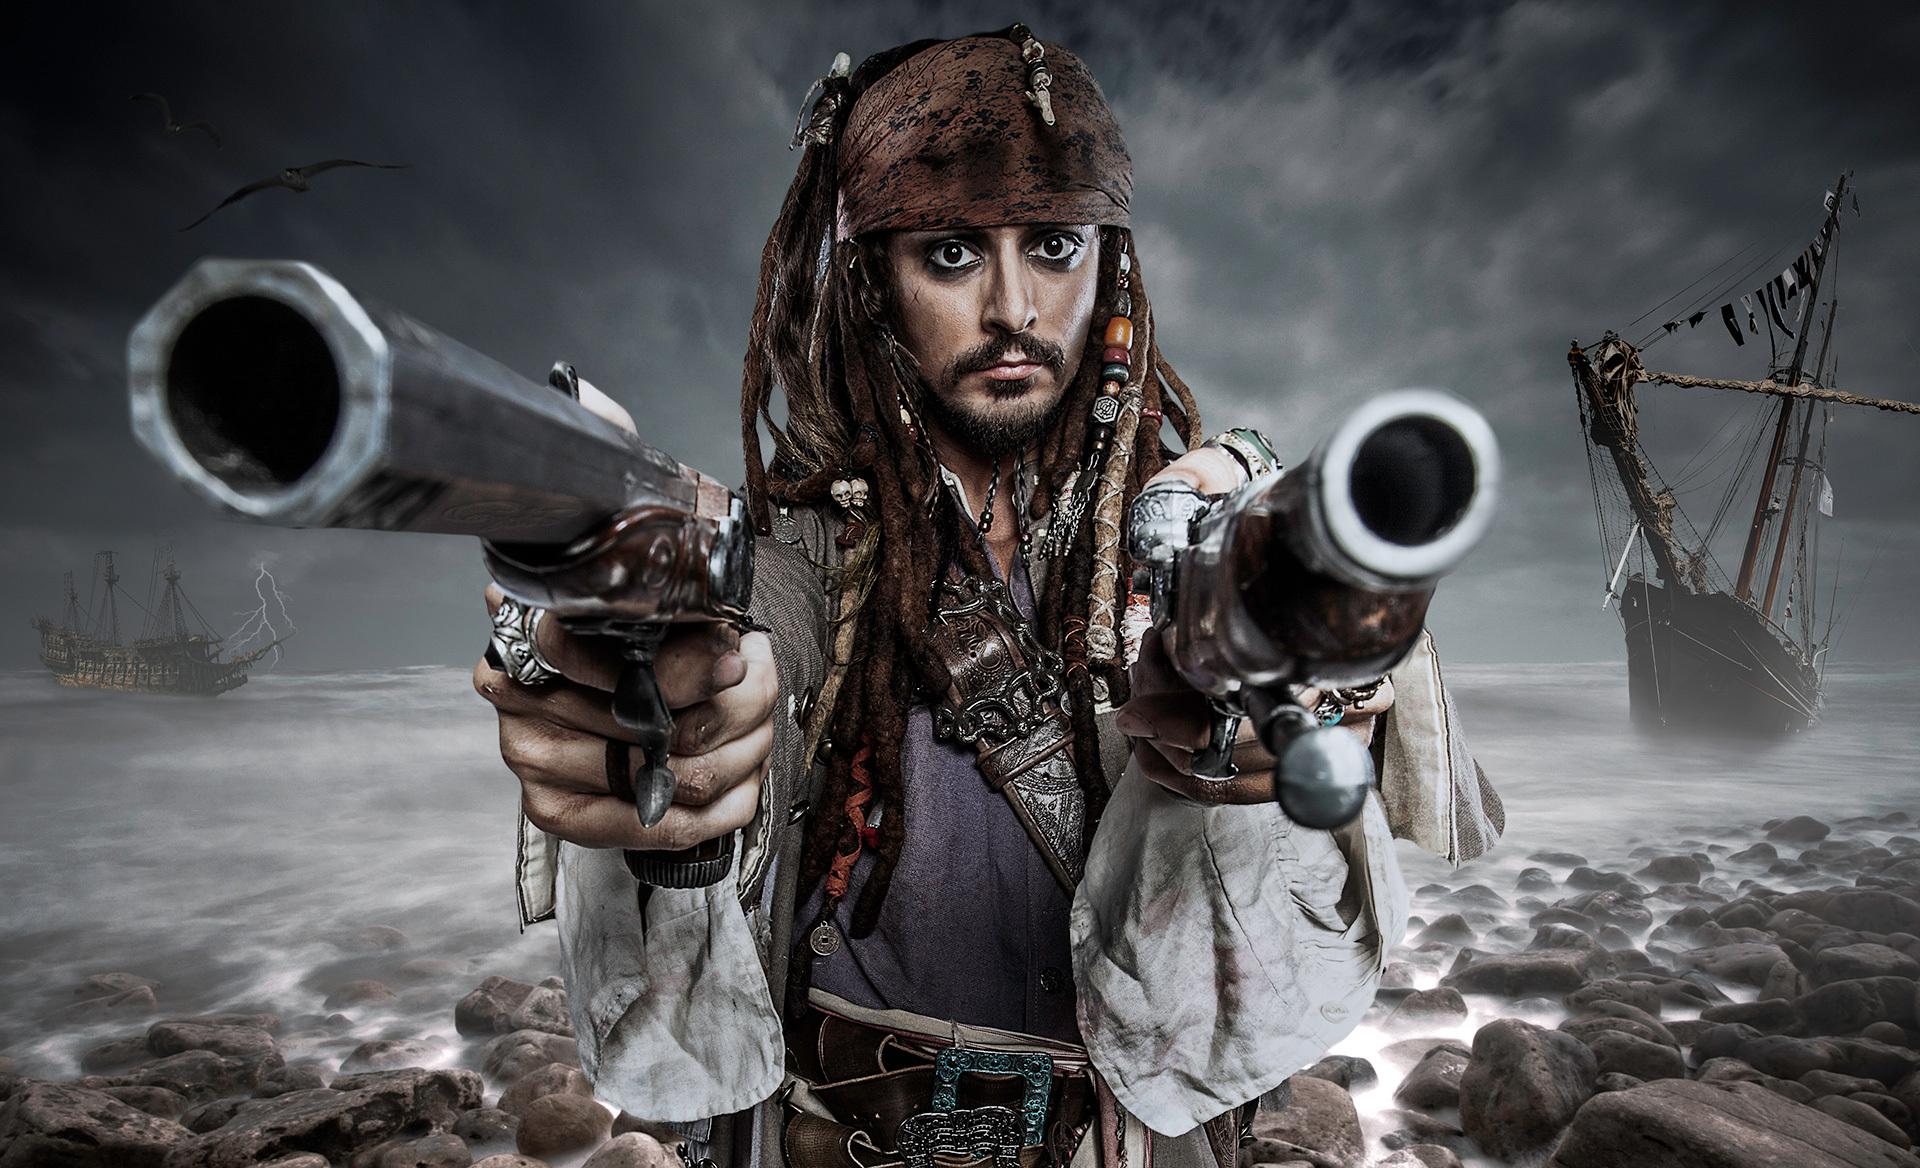 Посмотреть картинки пиратов